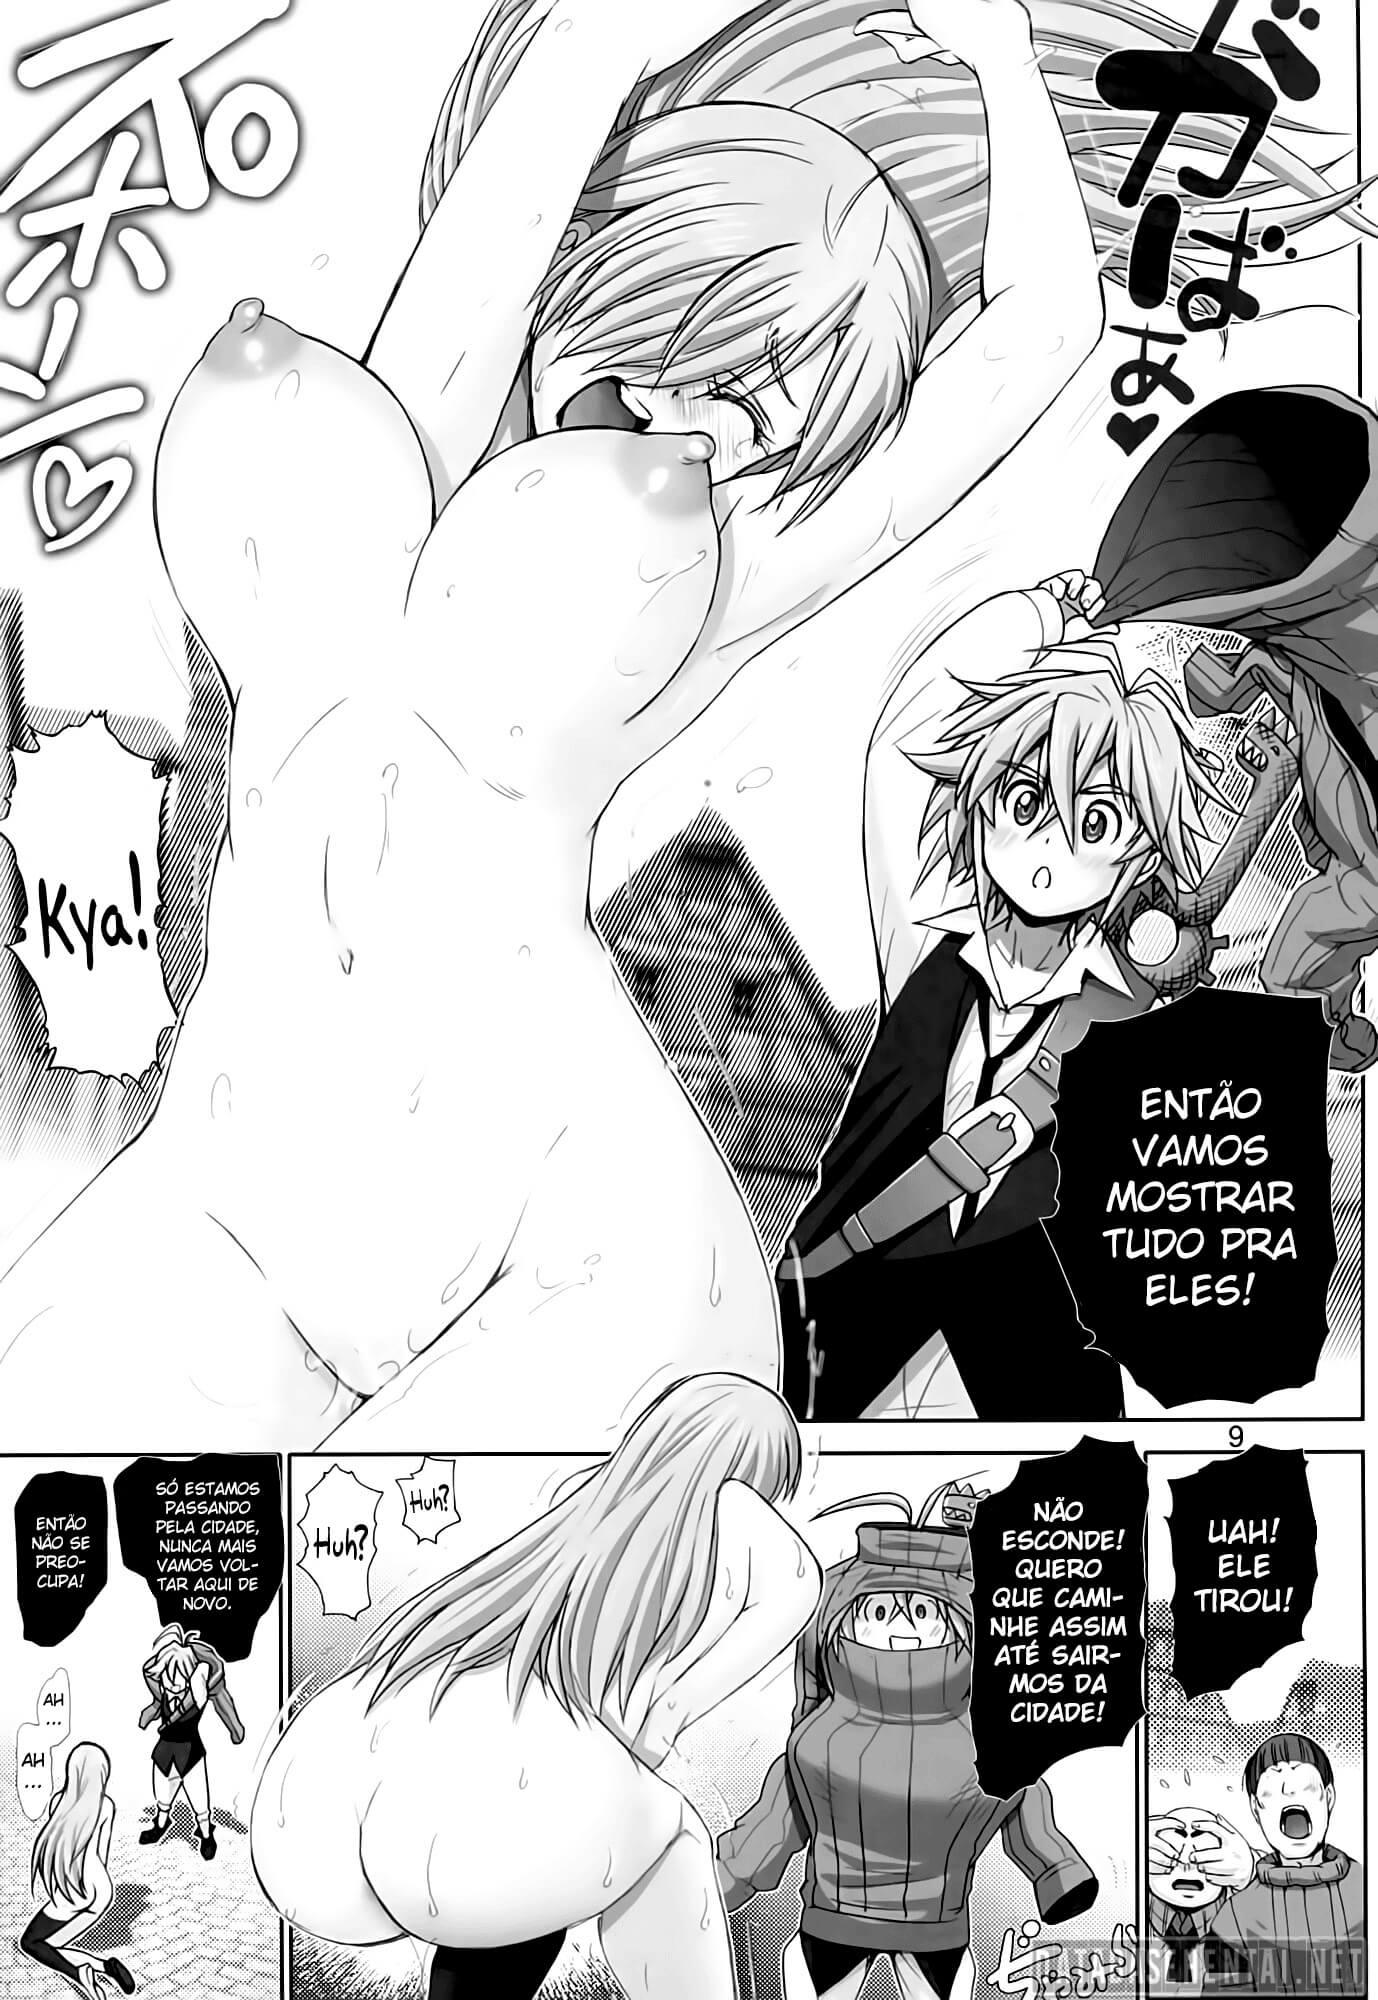 Elizabeth-à-pervertida-Nanatsu-no-Taizai-pornô-8